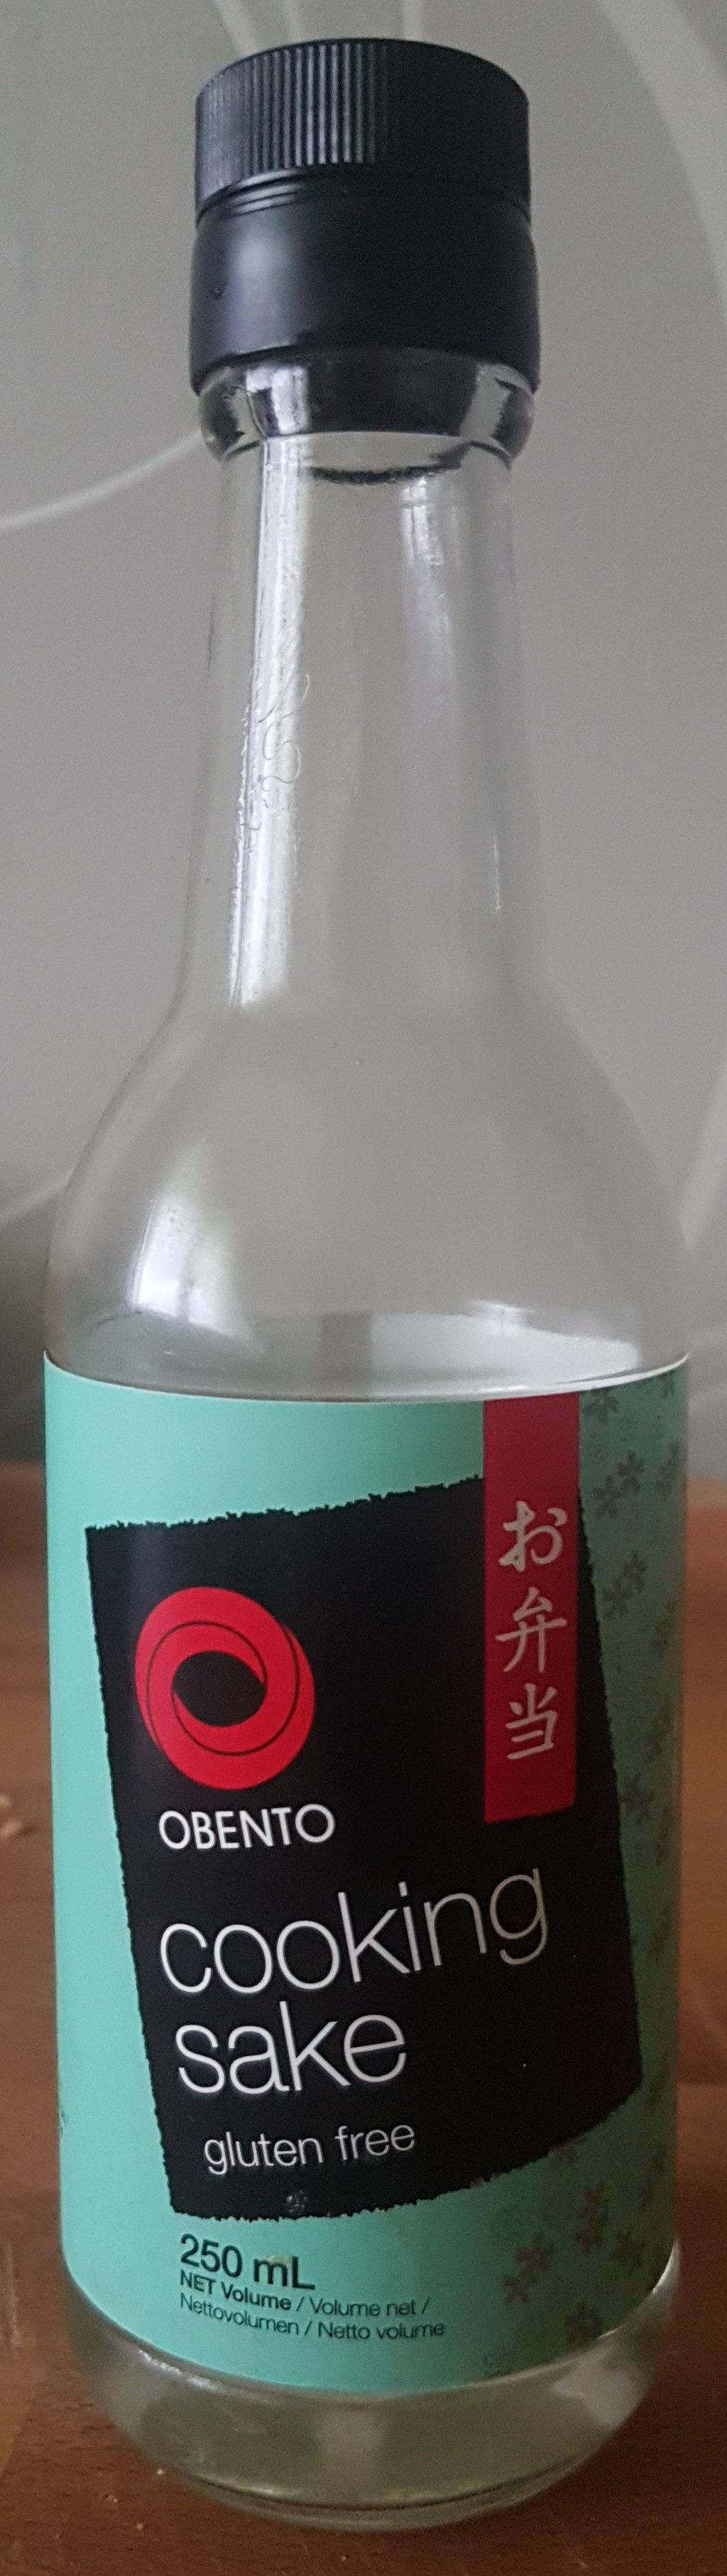 Cooking sake - Produit - fr